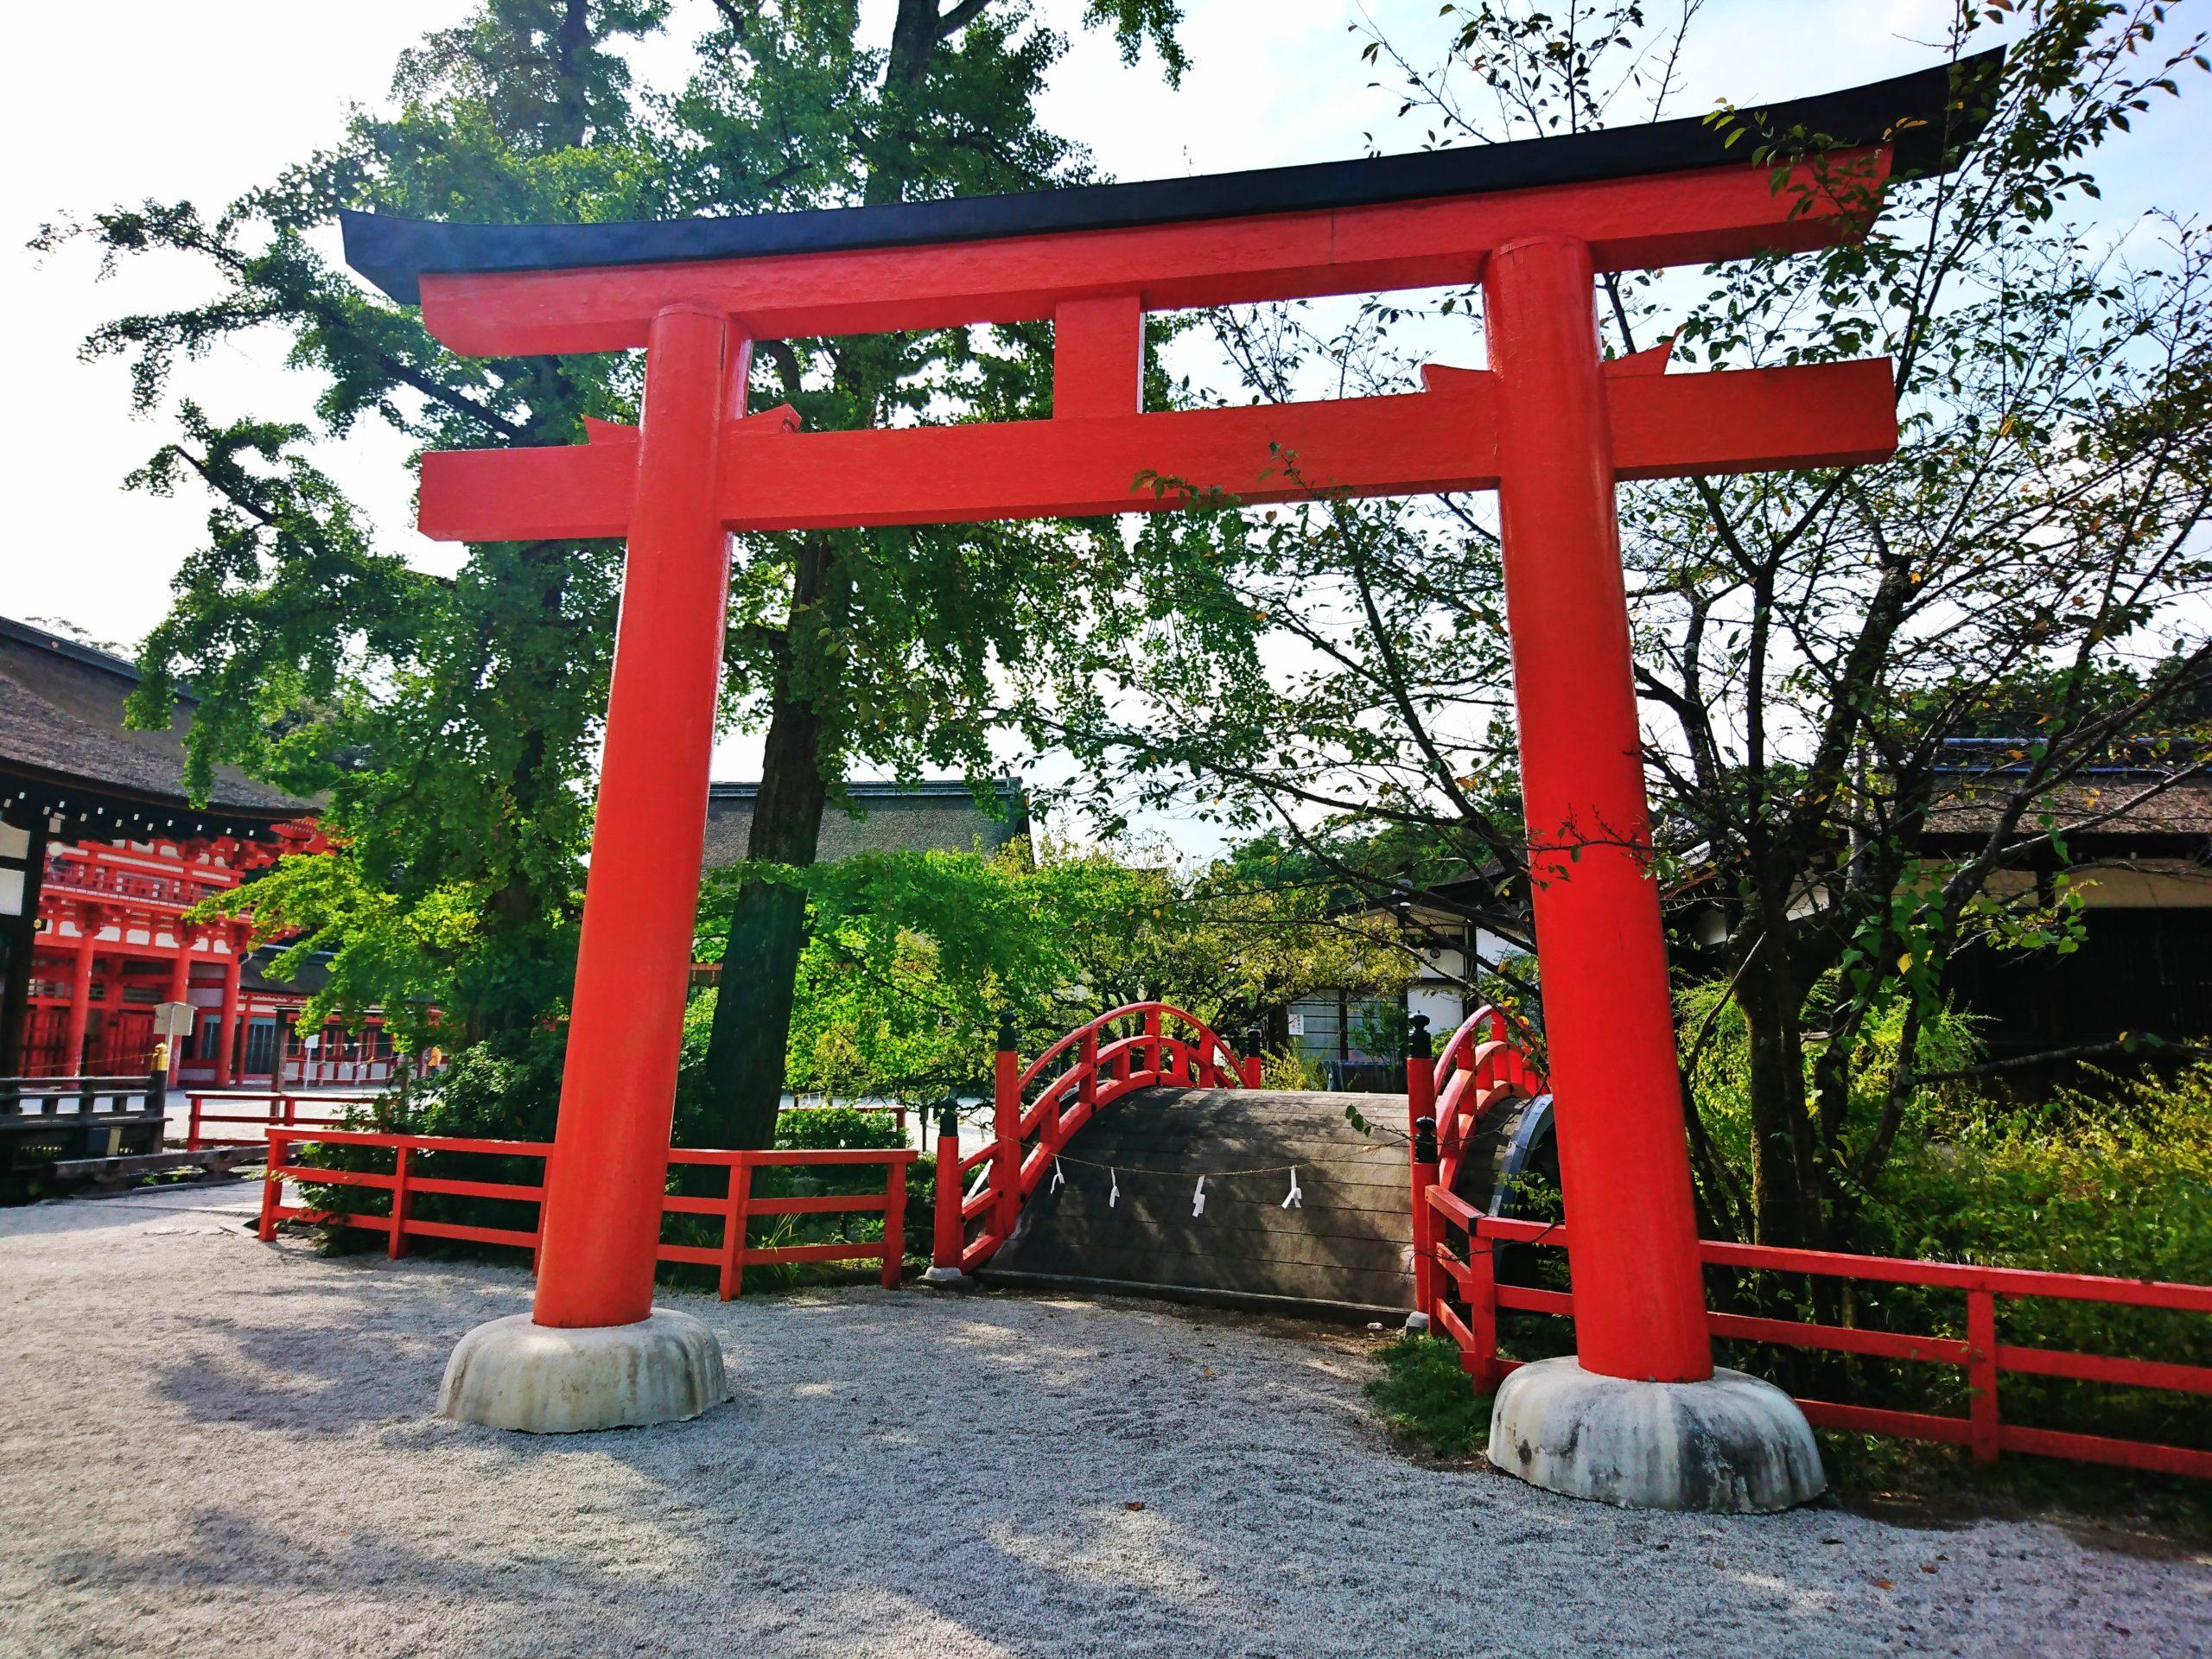 下鴨神社の鳥居と輪橋